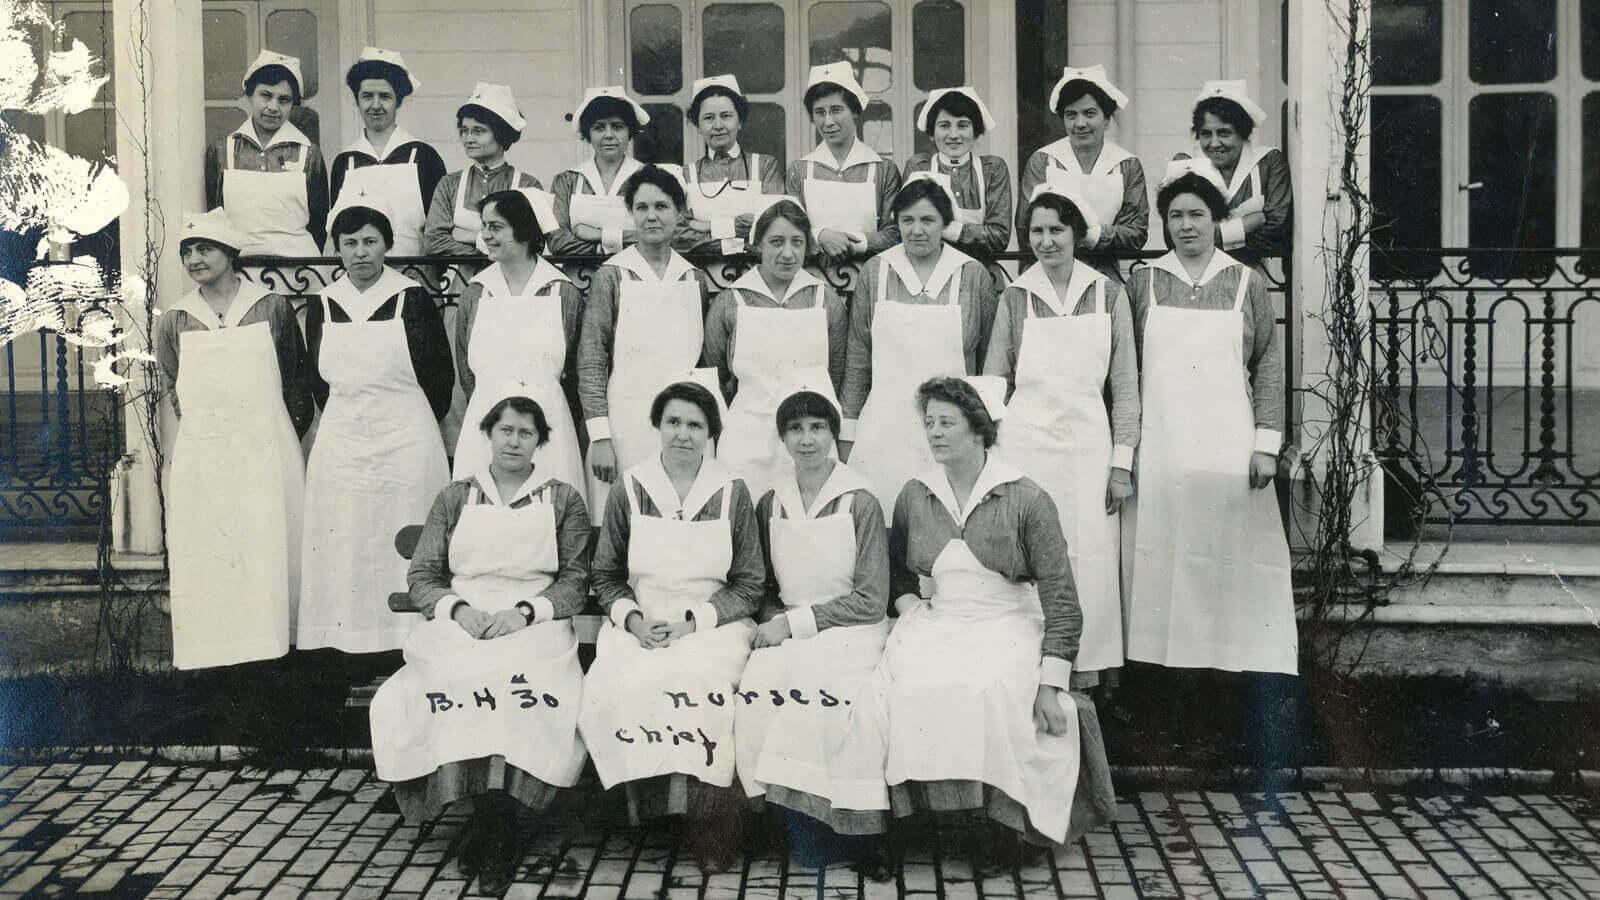 UCSF Archives WWI Exhibit - Base Hospital No. 30 nurses